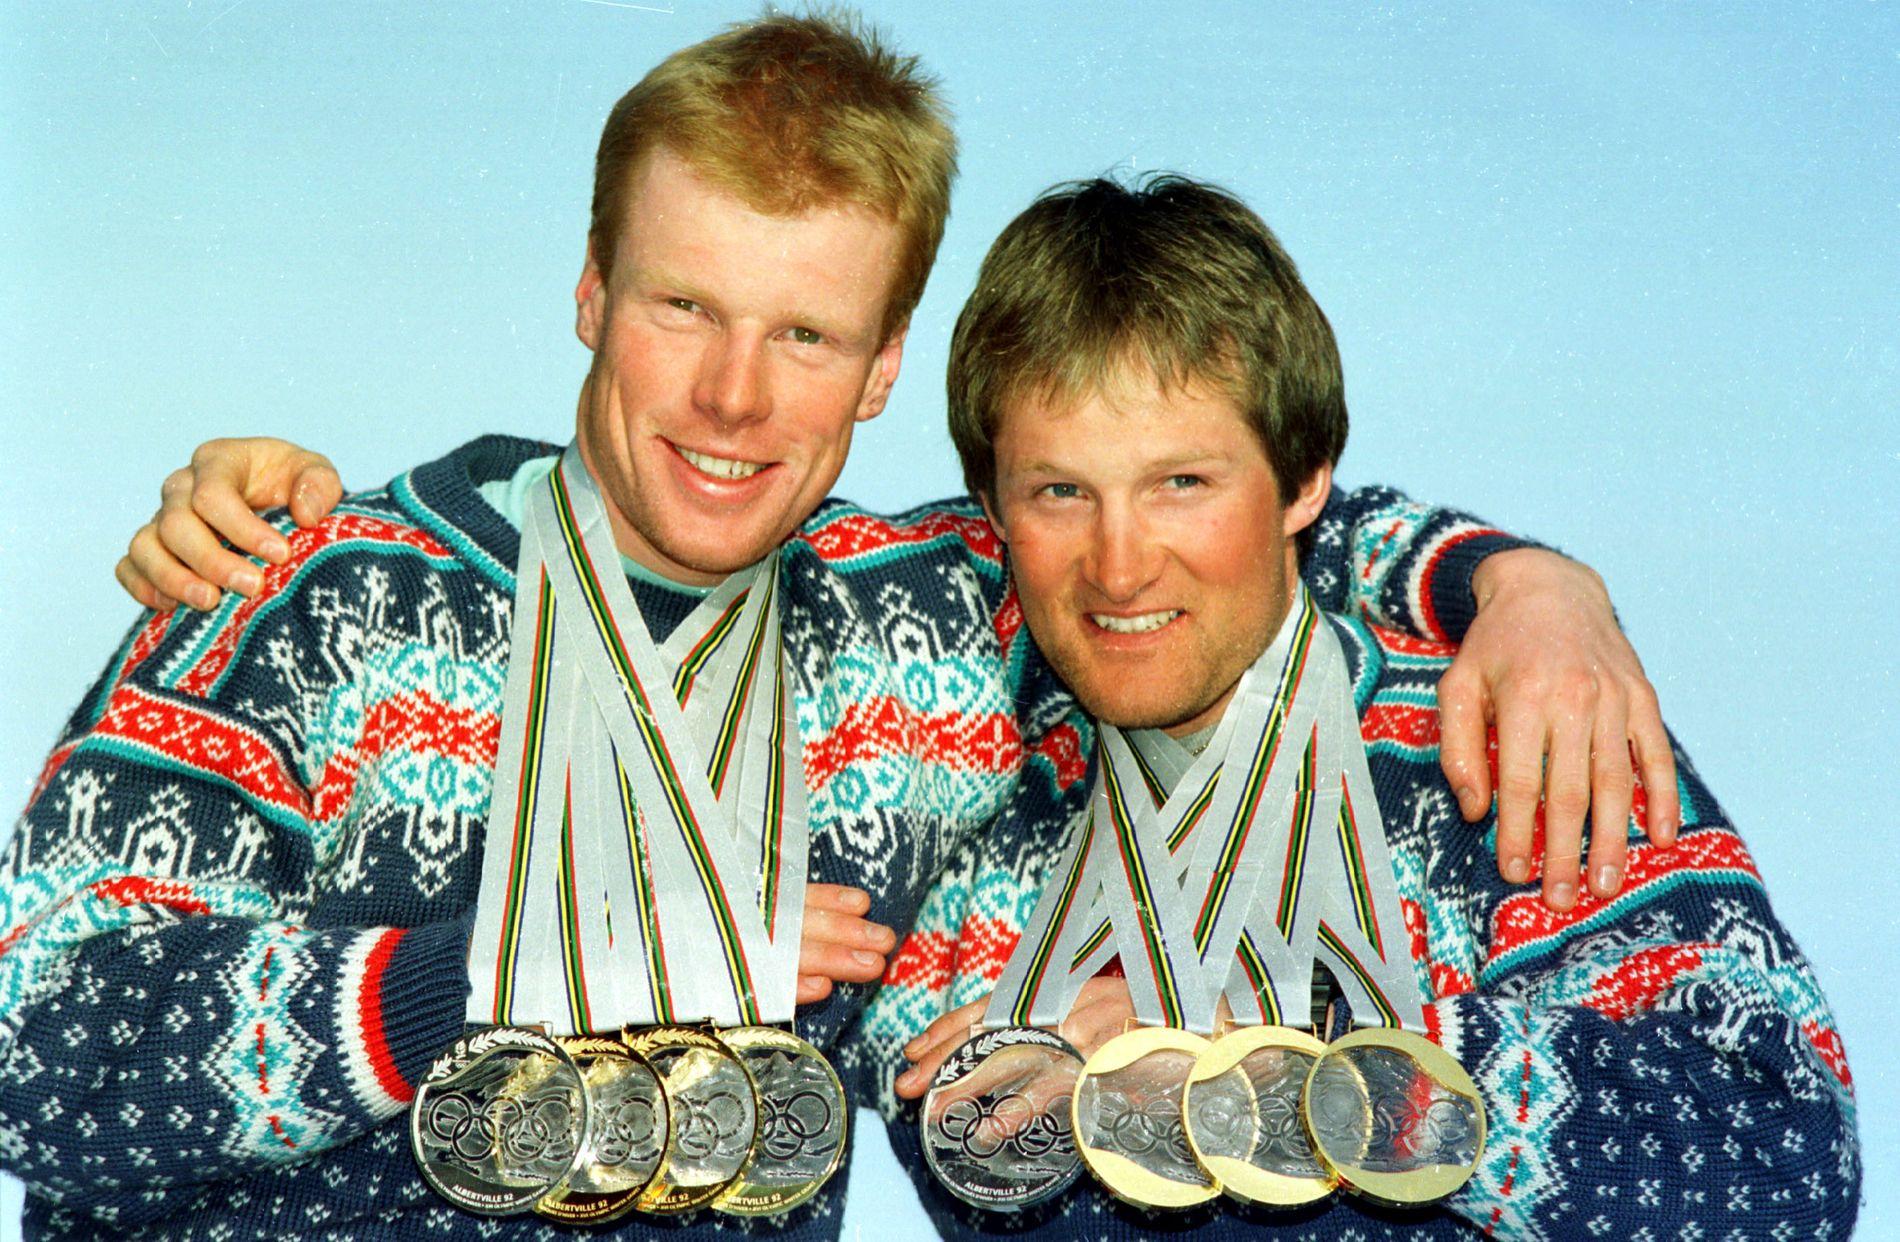 MEDALJØRER: Vegard Ulvang (t.h.) og Bjørn Dæhlie viser frem sine OL-medaljer fra Albertville i 1992. Begge endte med tre gull og ett sølv fra mesterskapet.